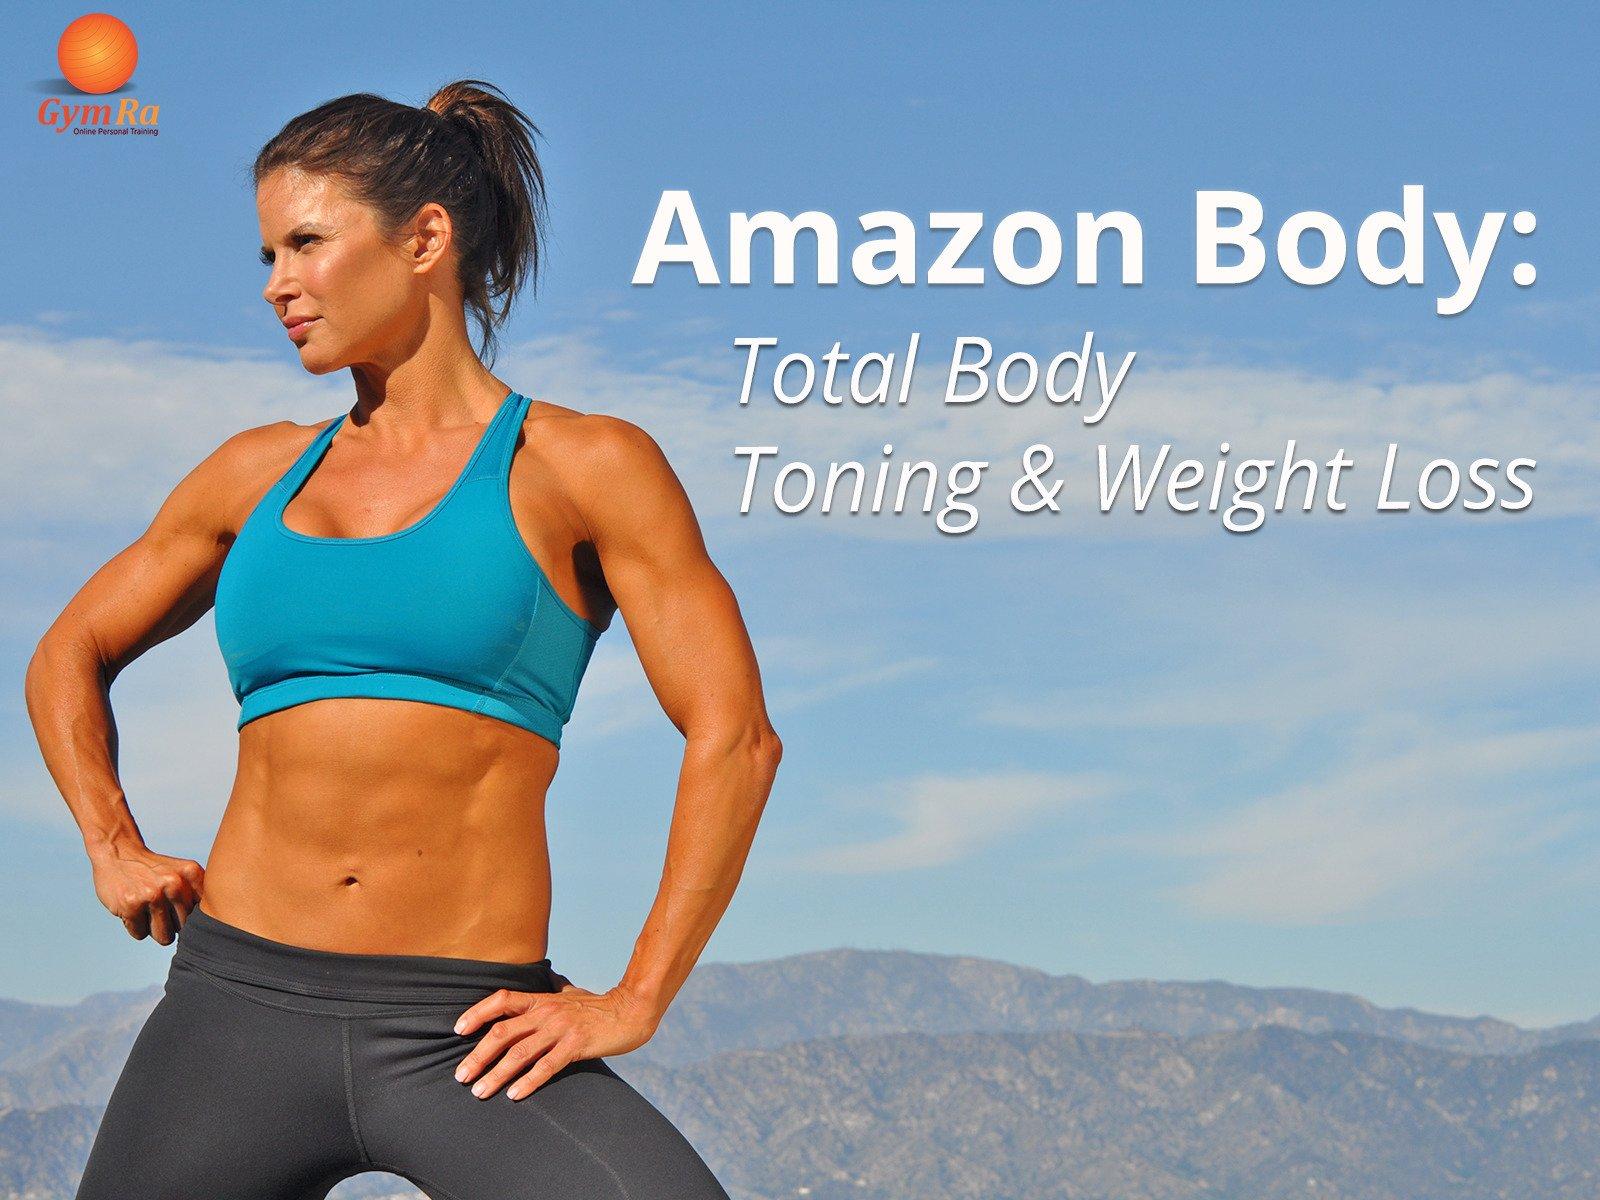 Amazon Body